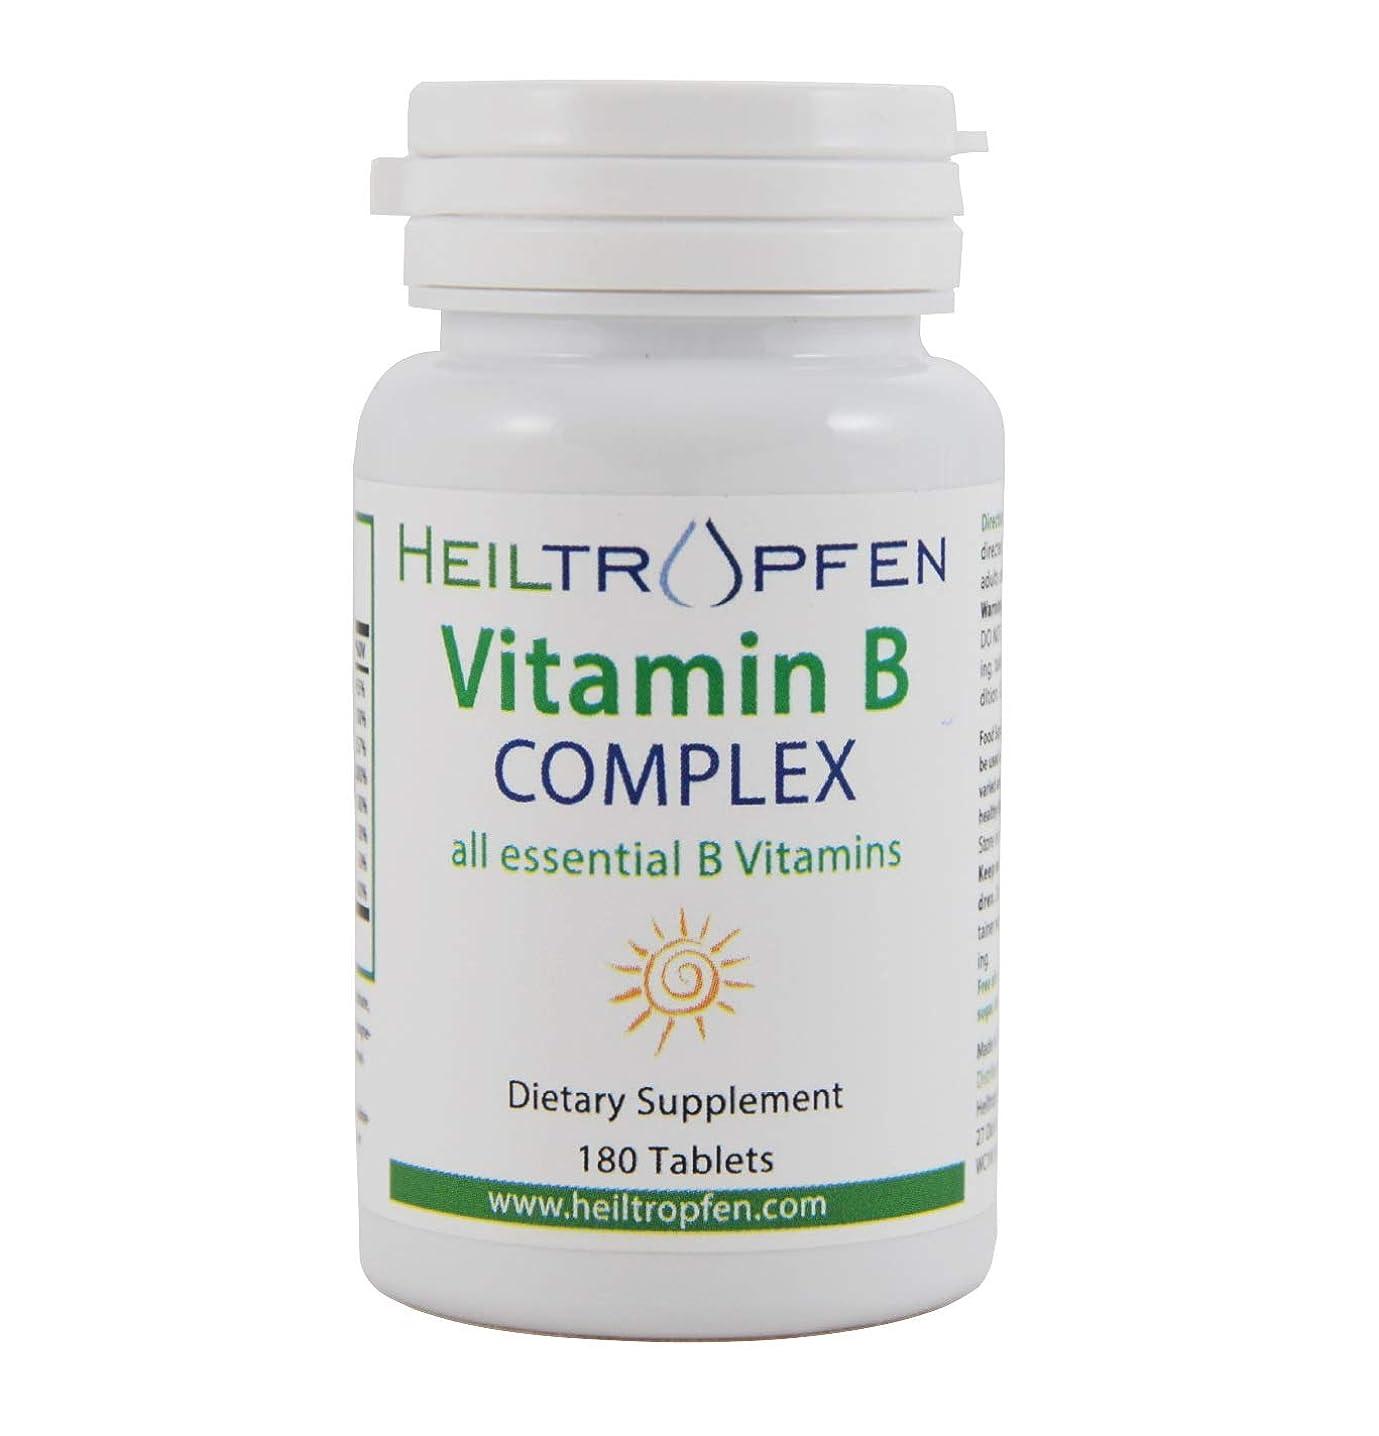 道徳の乱気流呼び起こすビタミンBコンプレックス、180錠、 Vitamin B Complex, 180 Tablets, heiltropfen